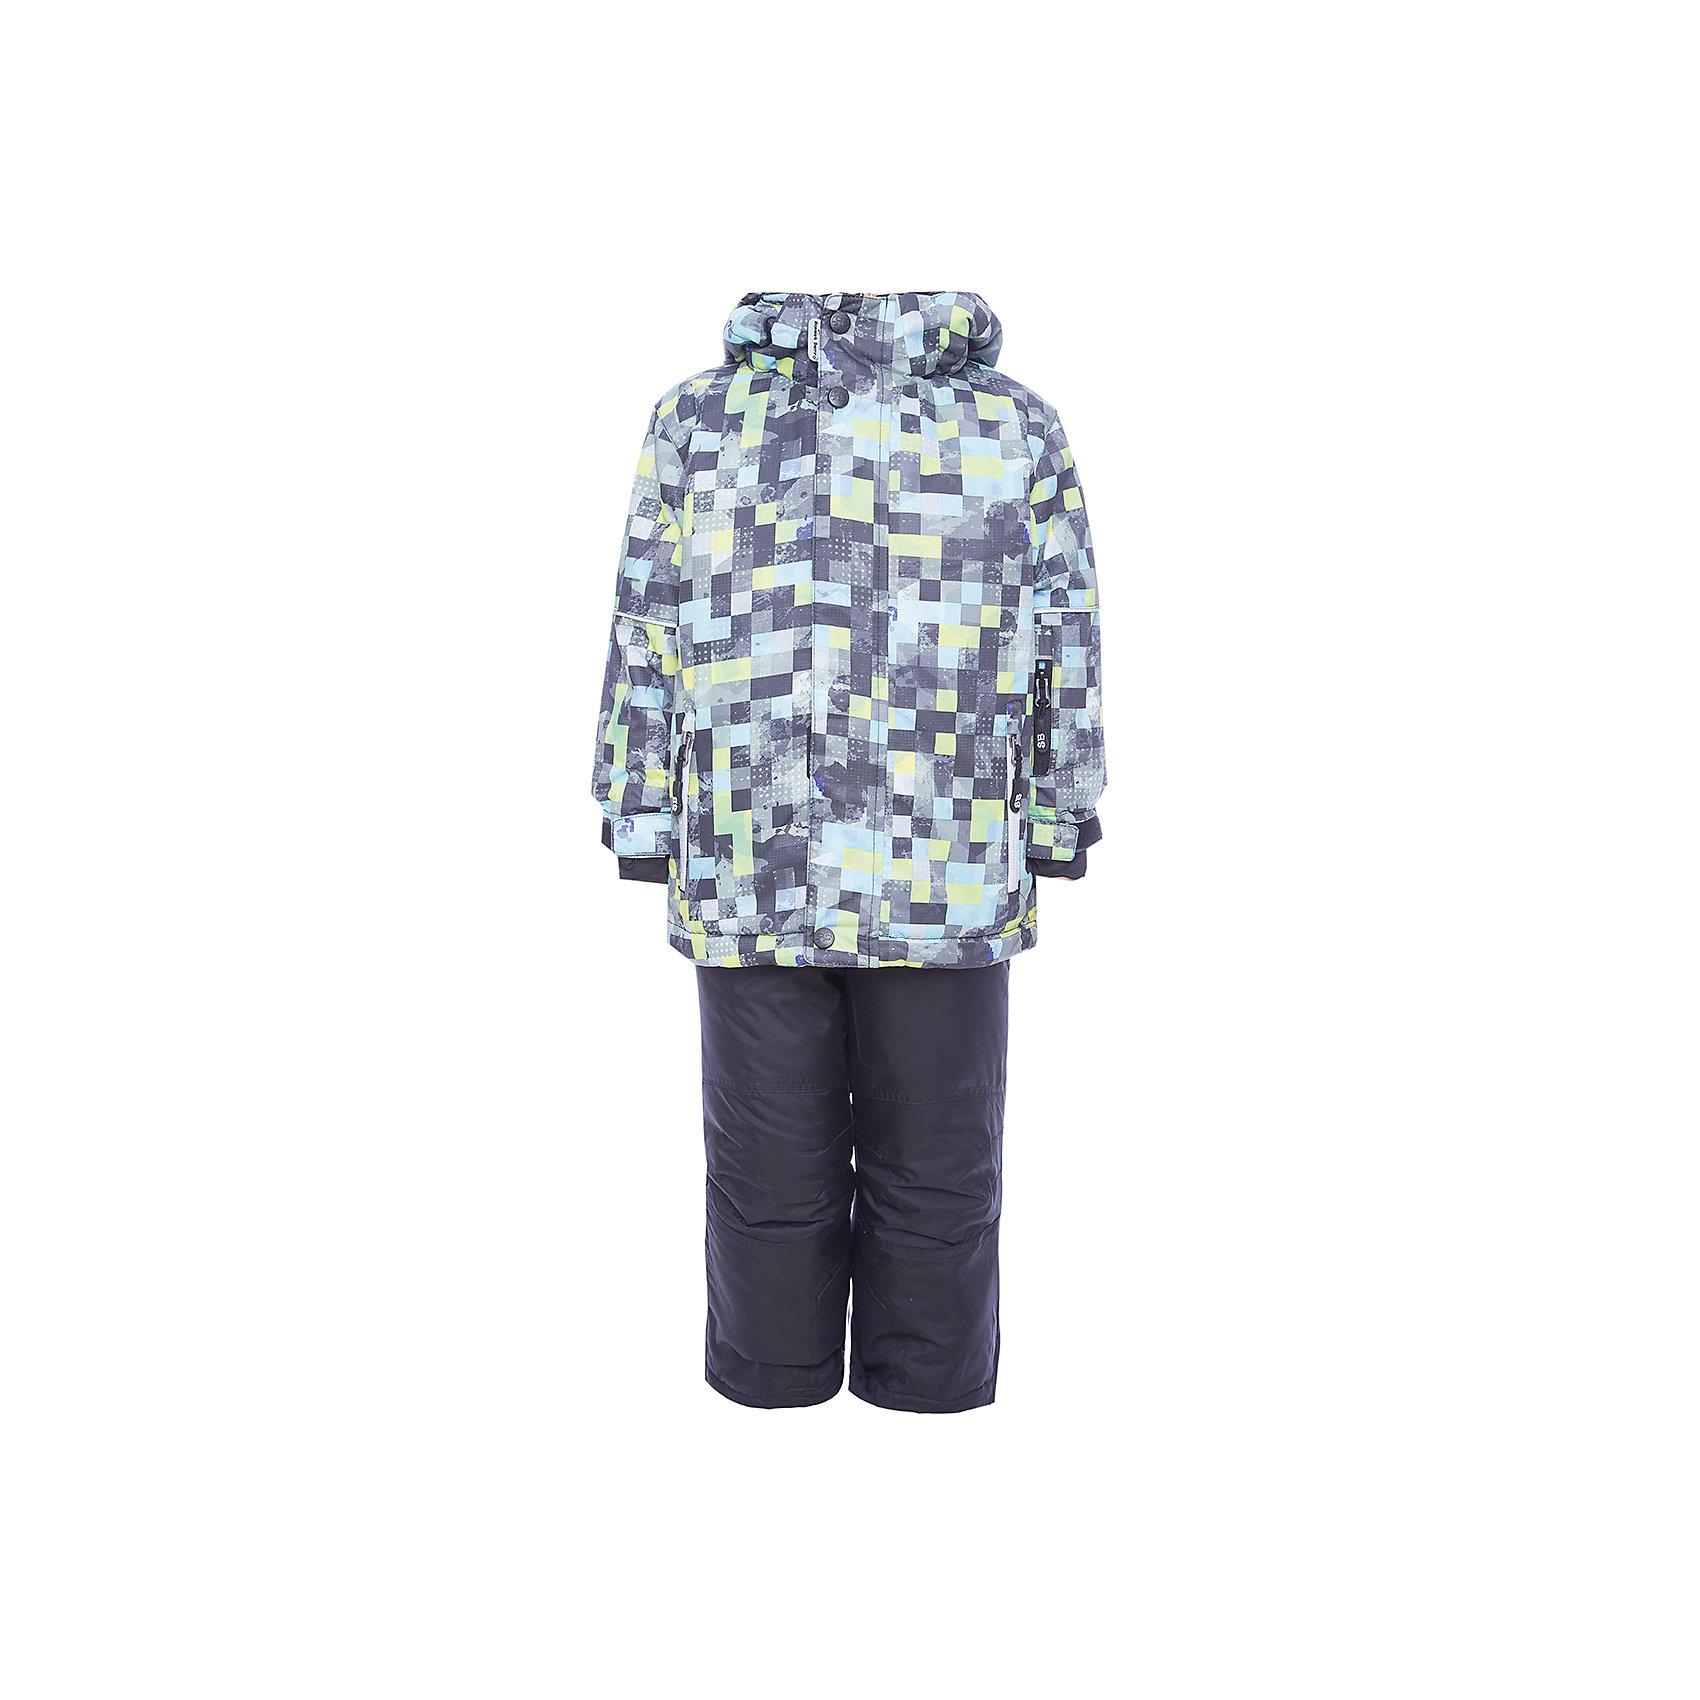 Комплект: куртка и брюки Sweet Berry для мальчикаВерхняя одежда<br>Комплект: куртка и брюки Sweet Berry для мальчика<br>Комфортный и теплый костюм  для мальчика из мембранной ткани. В конструкции учтены физиологические особенности малыша. Съемный капюшон на молниях с дополнительной утяжкой, спереди установлены две кнопки.  Рукава с манжетами, регулируются липучкой. На куртке два кармана, застегивающиеся на молнию. Застежка-молния с внешней ветрозащитной планкой. Брюки на регулируемых подтяжках гарантируют посадку по фигуре.  Колени, задняя поверхность бедер и низ брюк дополнительно усилены сверхпрочным материалом. Силиконовые отстегивающиеся штрипки на брючинах. Ткань верха: мембрана 5000мм/5000г/м2/24h, waterproof, водонепроницаемая с грязеотталкивающей пропиткой.<br>Пoдкладка: флис<br>Утеплитель: синтетический утеплитель 220 г/м? (куртка),<br>180 г/м? (рукава, п/комбинезон). Температурный режим: от -35 до +5 С<br>Состав:<br>Верх: куртка: 100%полиэстер, брюки:  100%нейлон.  Подкладка: 100%полиэстер. Наполнитель: 100%полиэстер<br><br>Ширина мм: 356<br>Глубина мм: 10<br>Высота мм: 245<br>Вес г: 519<br>Цвет: черный<br>Возраст от месяцев: 96<br>Возраст до месяцев: 108<br>Пол: Мужской<br>Возраст: Детский<br>Размер: 134,92,98,104,110,116,122,128<br>SKU: 7093814